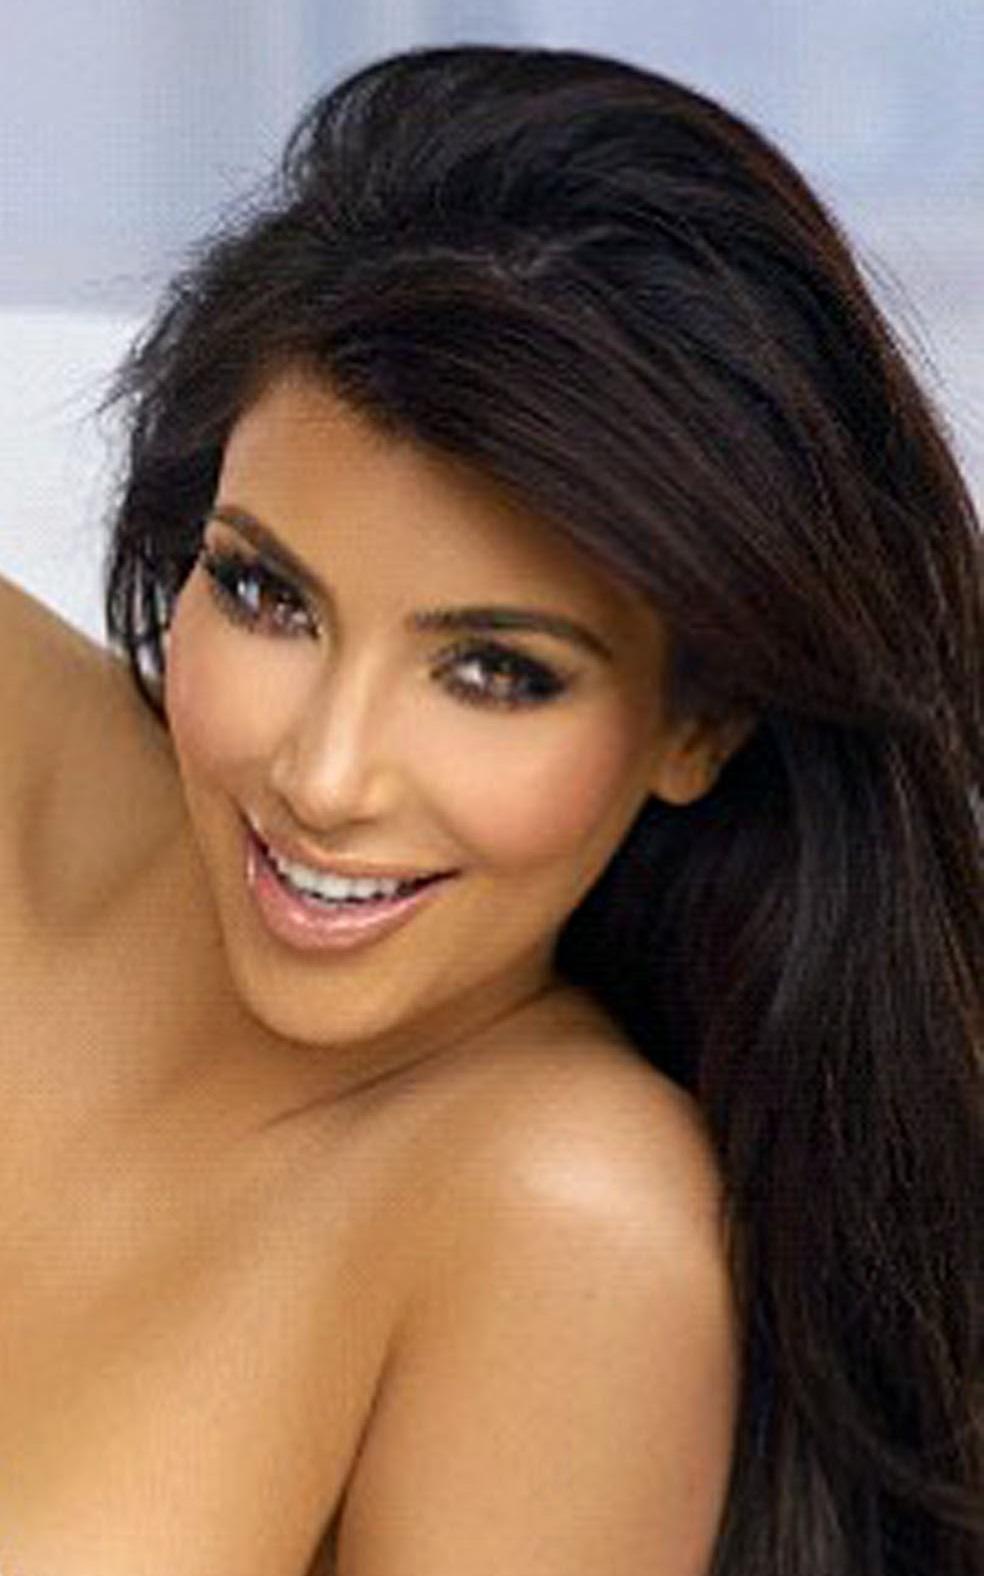 kim kardashian ın çok güzel olması